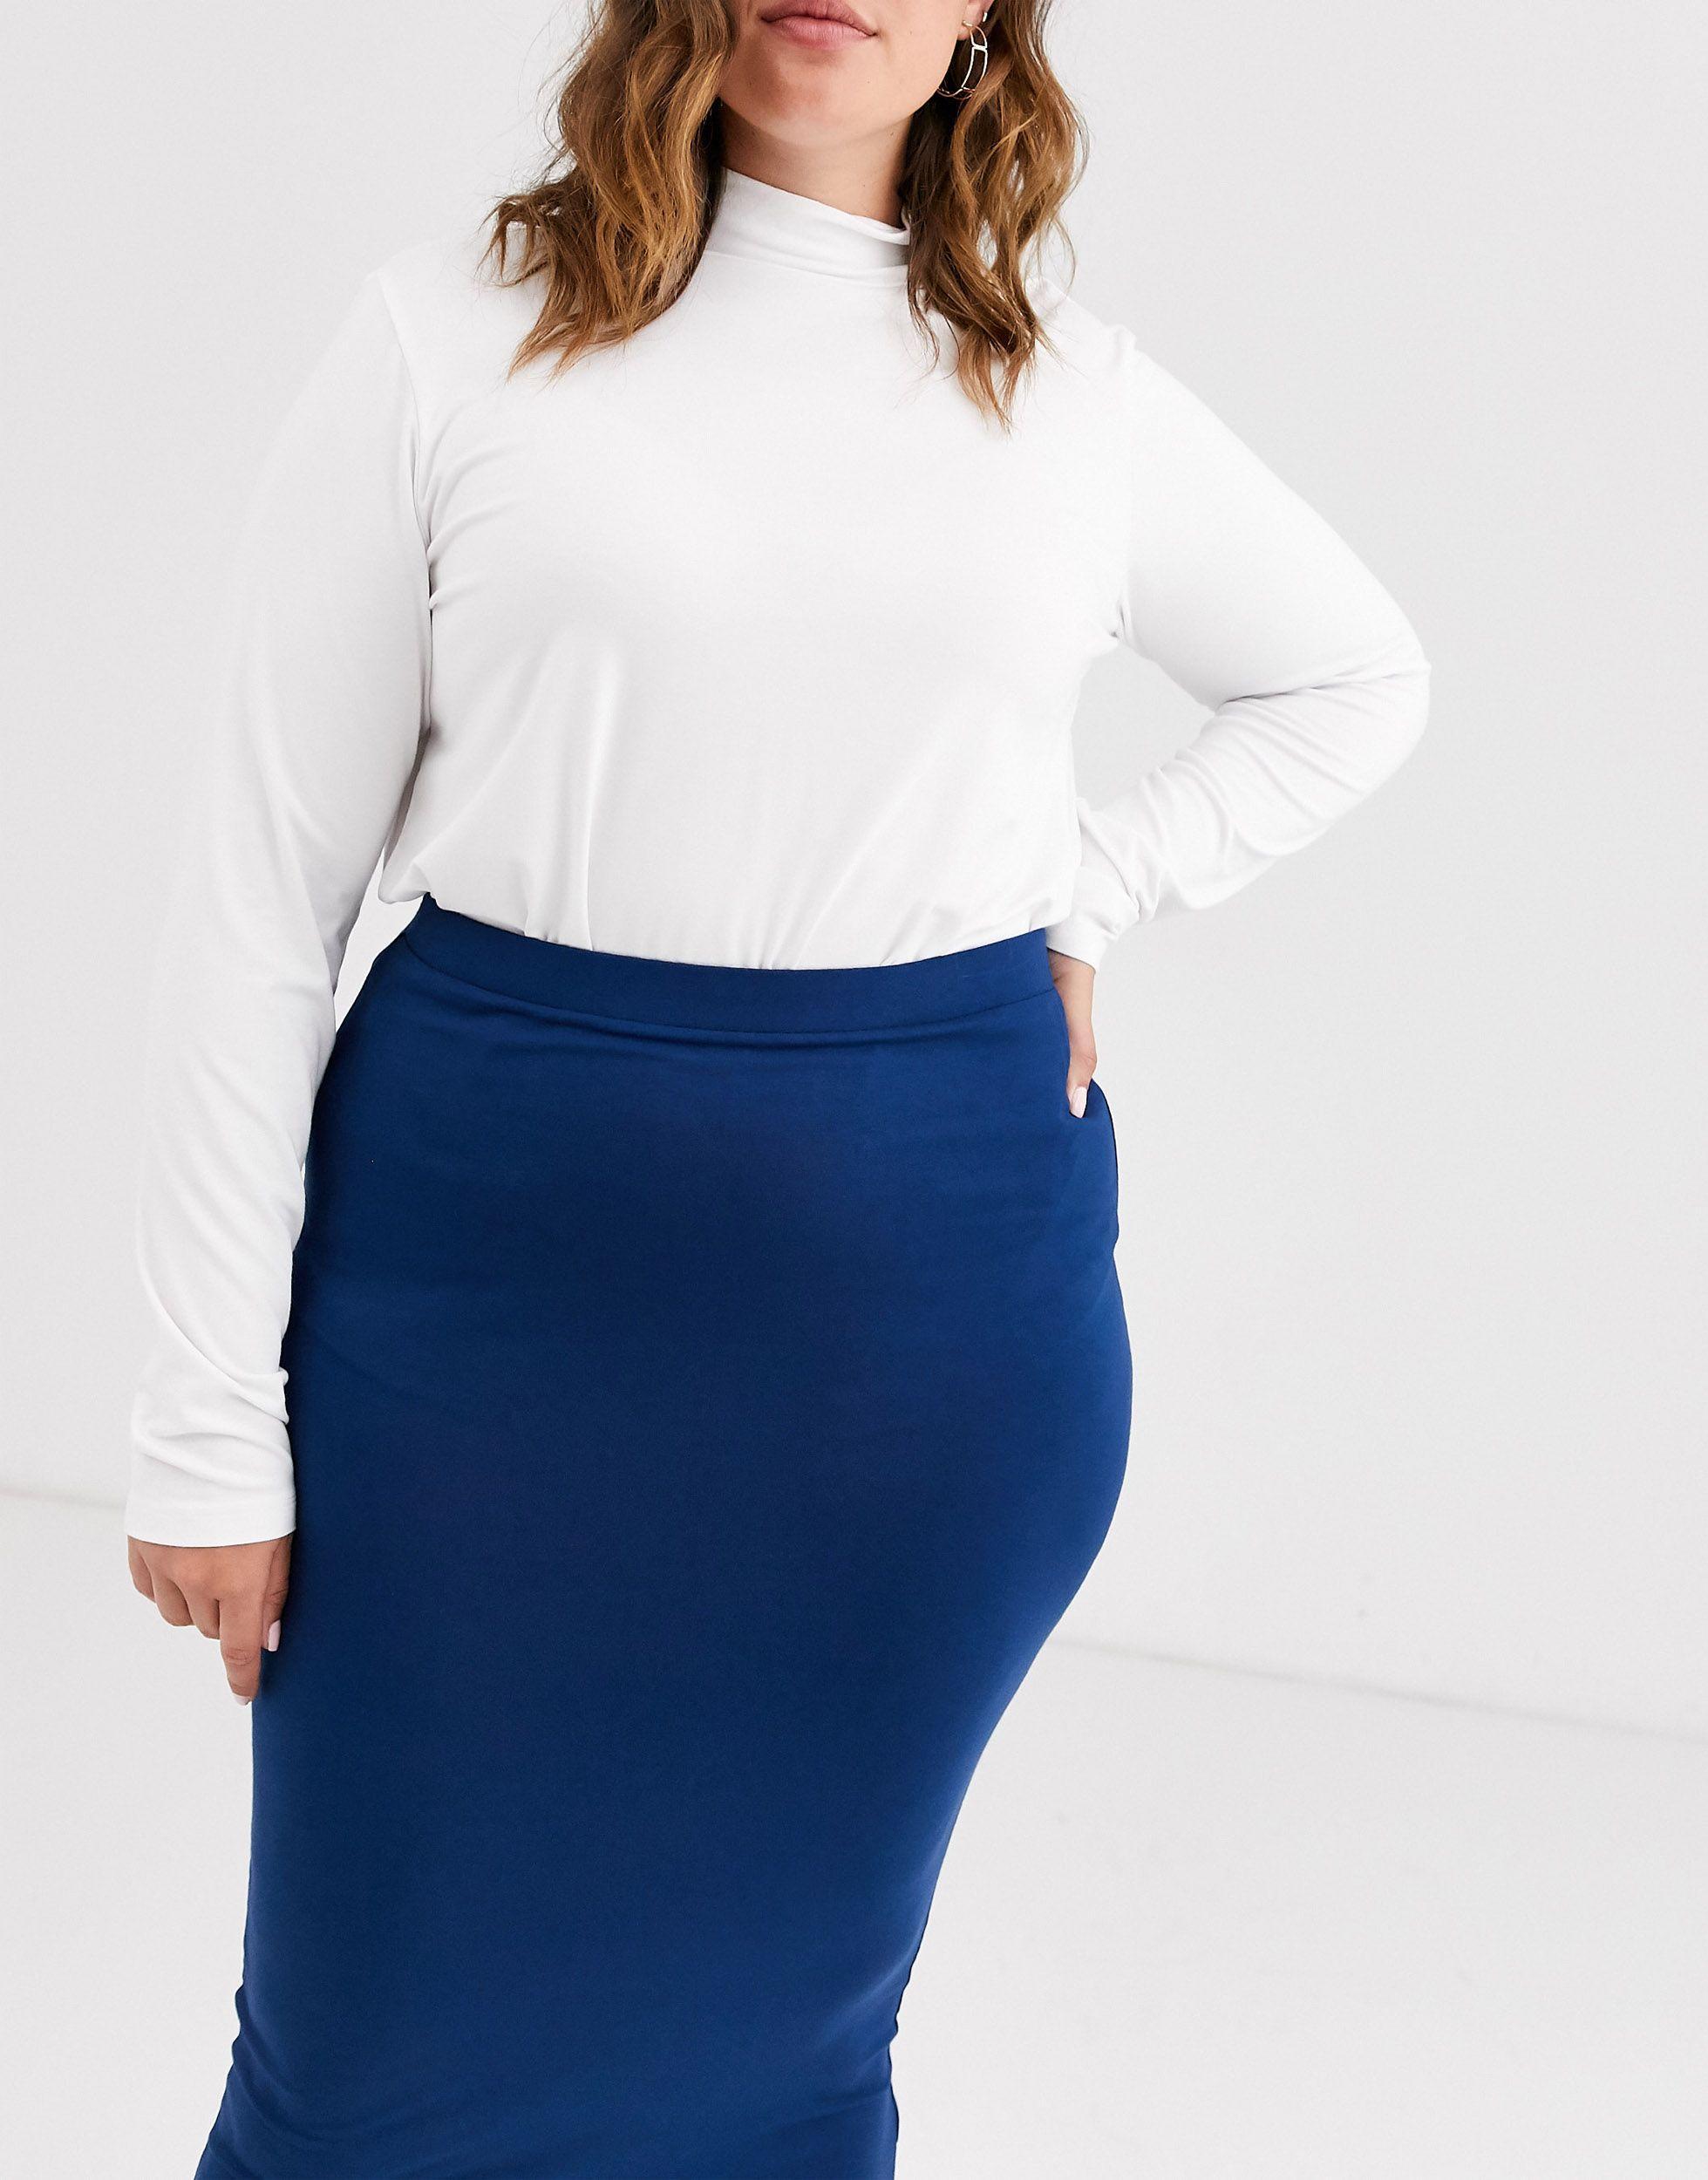 ASOS DESIGN Curve - Jupe fourreau longue en jersey Synthétique ASOS en coloris Bleu